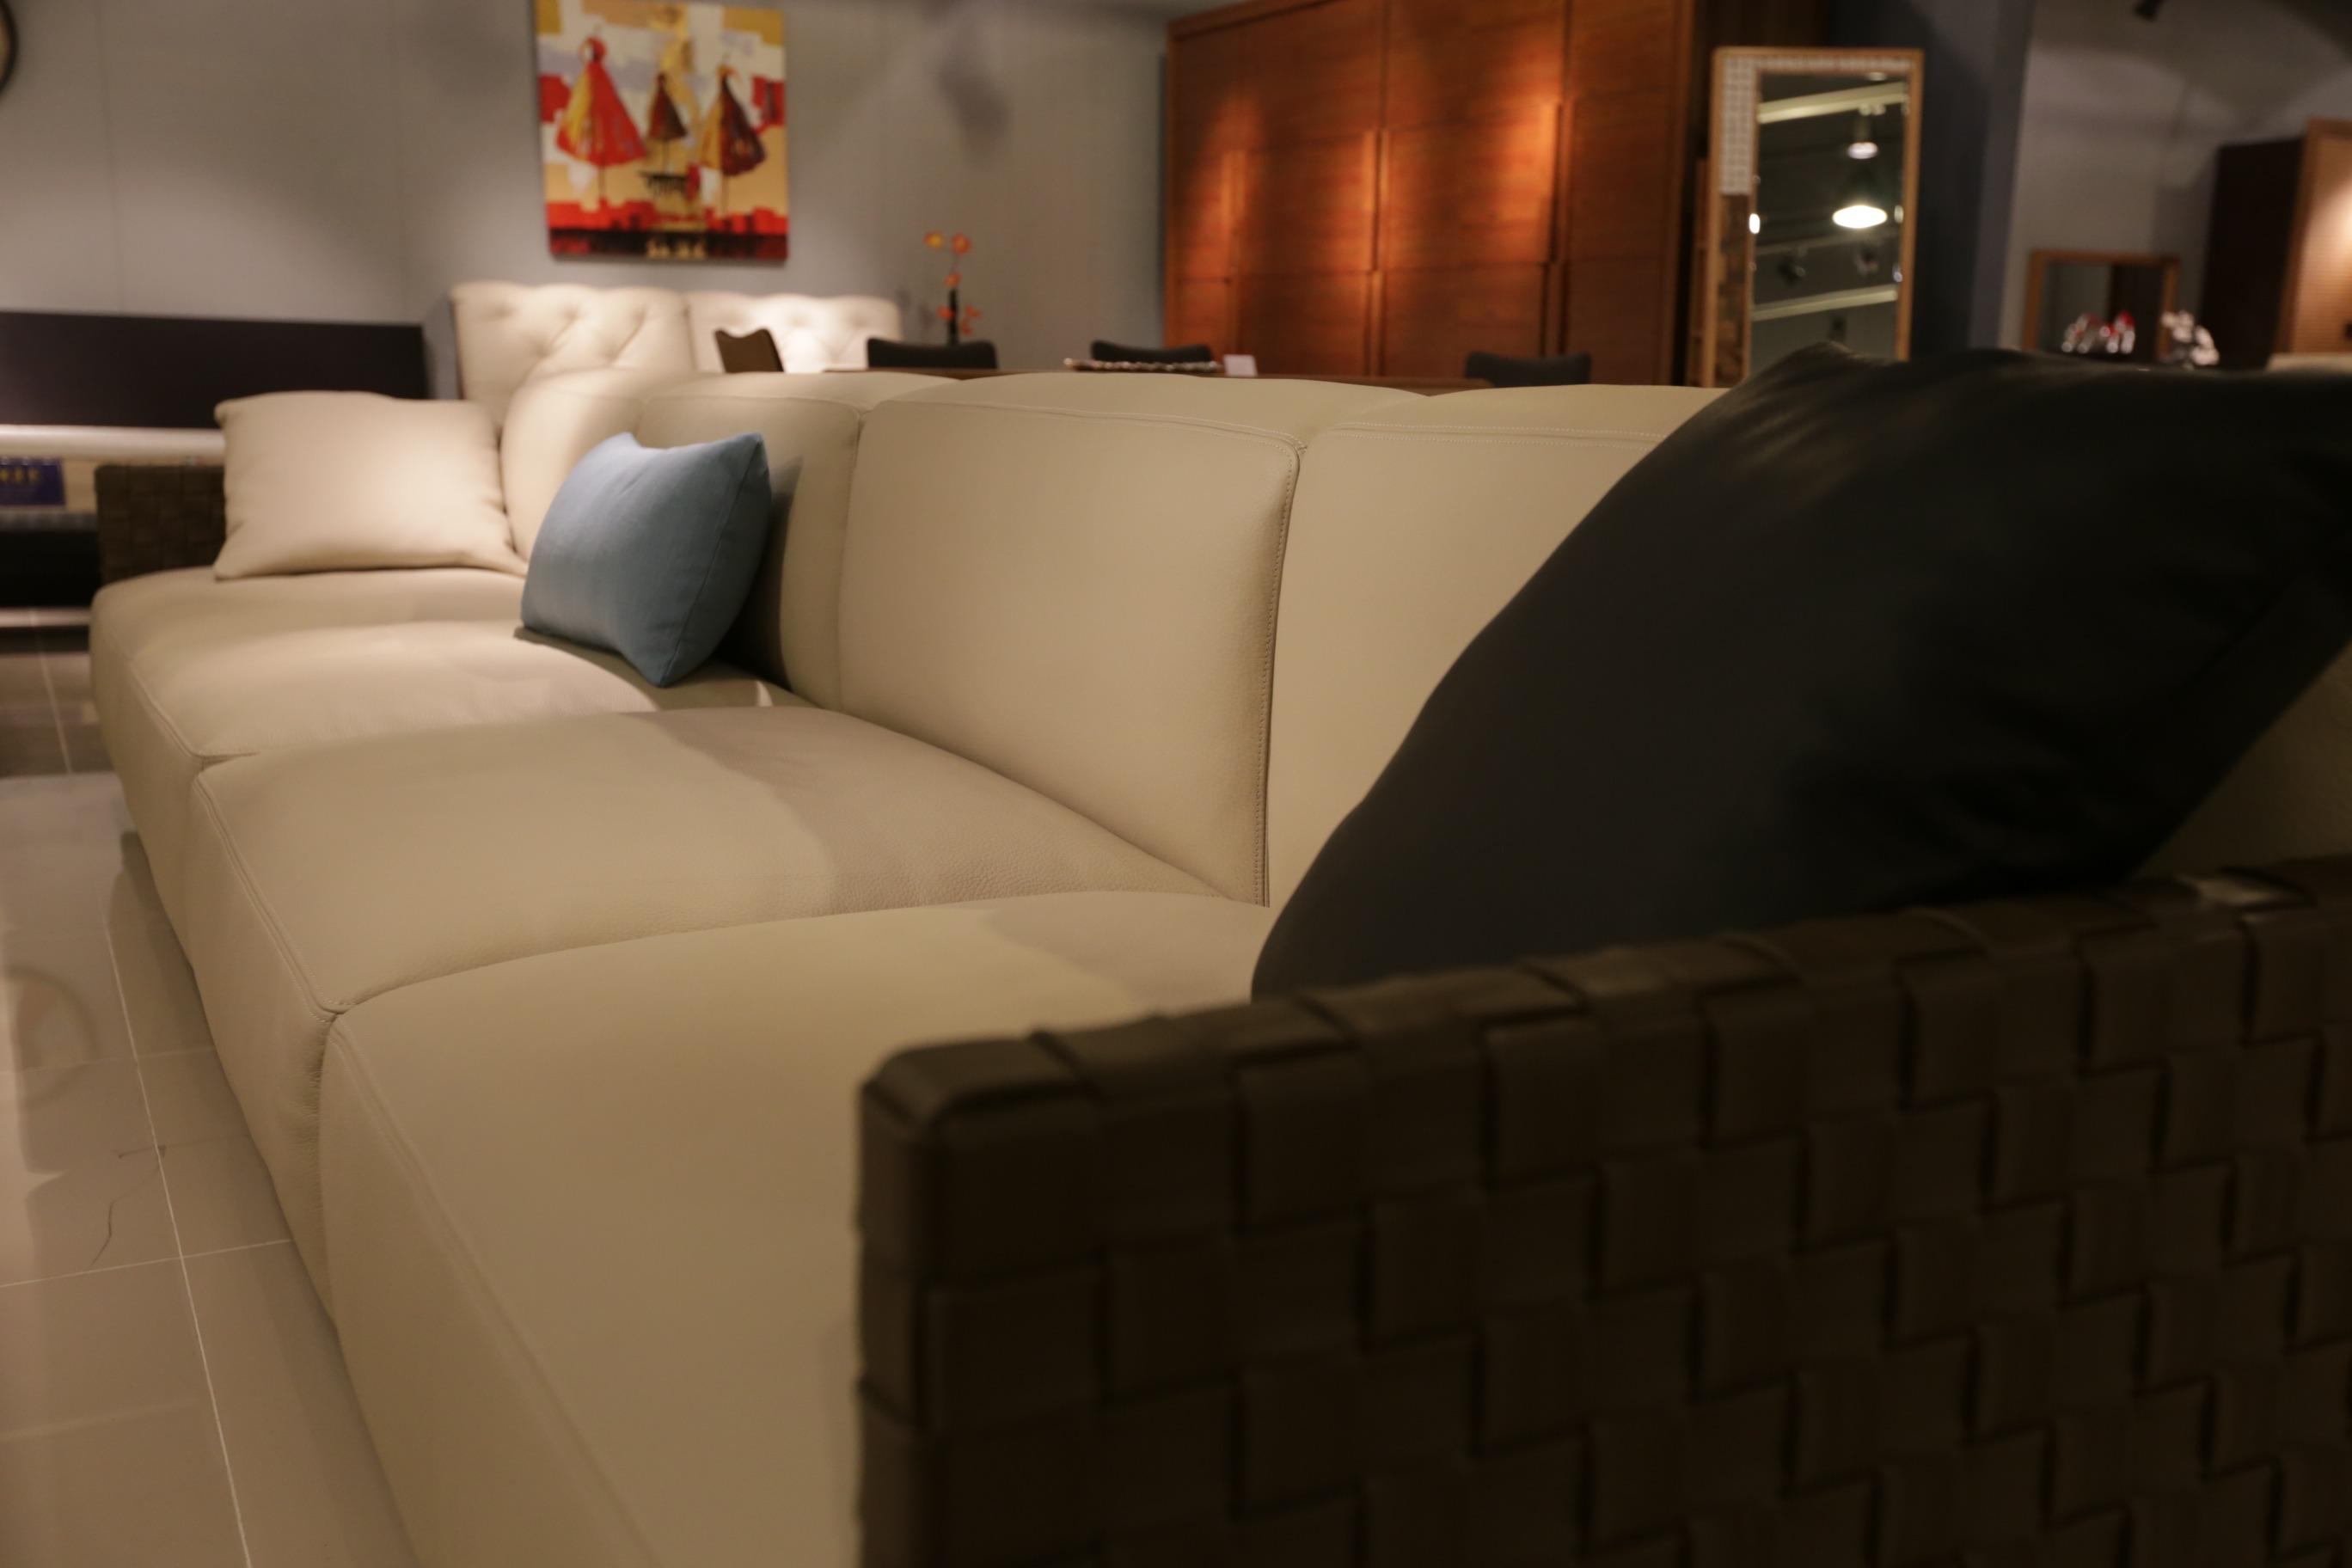 Haus Innere Zuhause Dekoration Fahrzeug Eigentum Wohnzimmer Wohn Möbel  Zimmer Sofa Dekor Wohnung Modern Couch Innenarchitektur